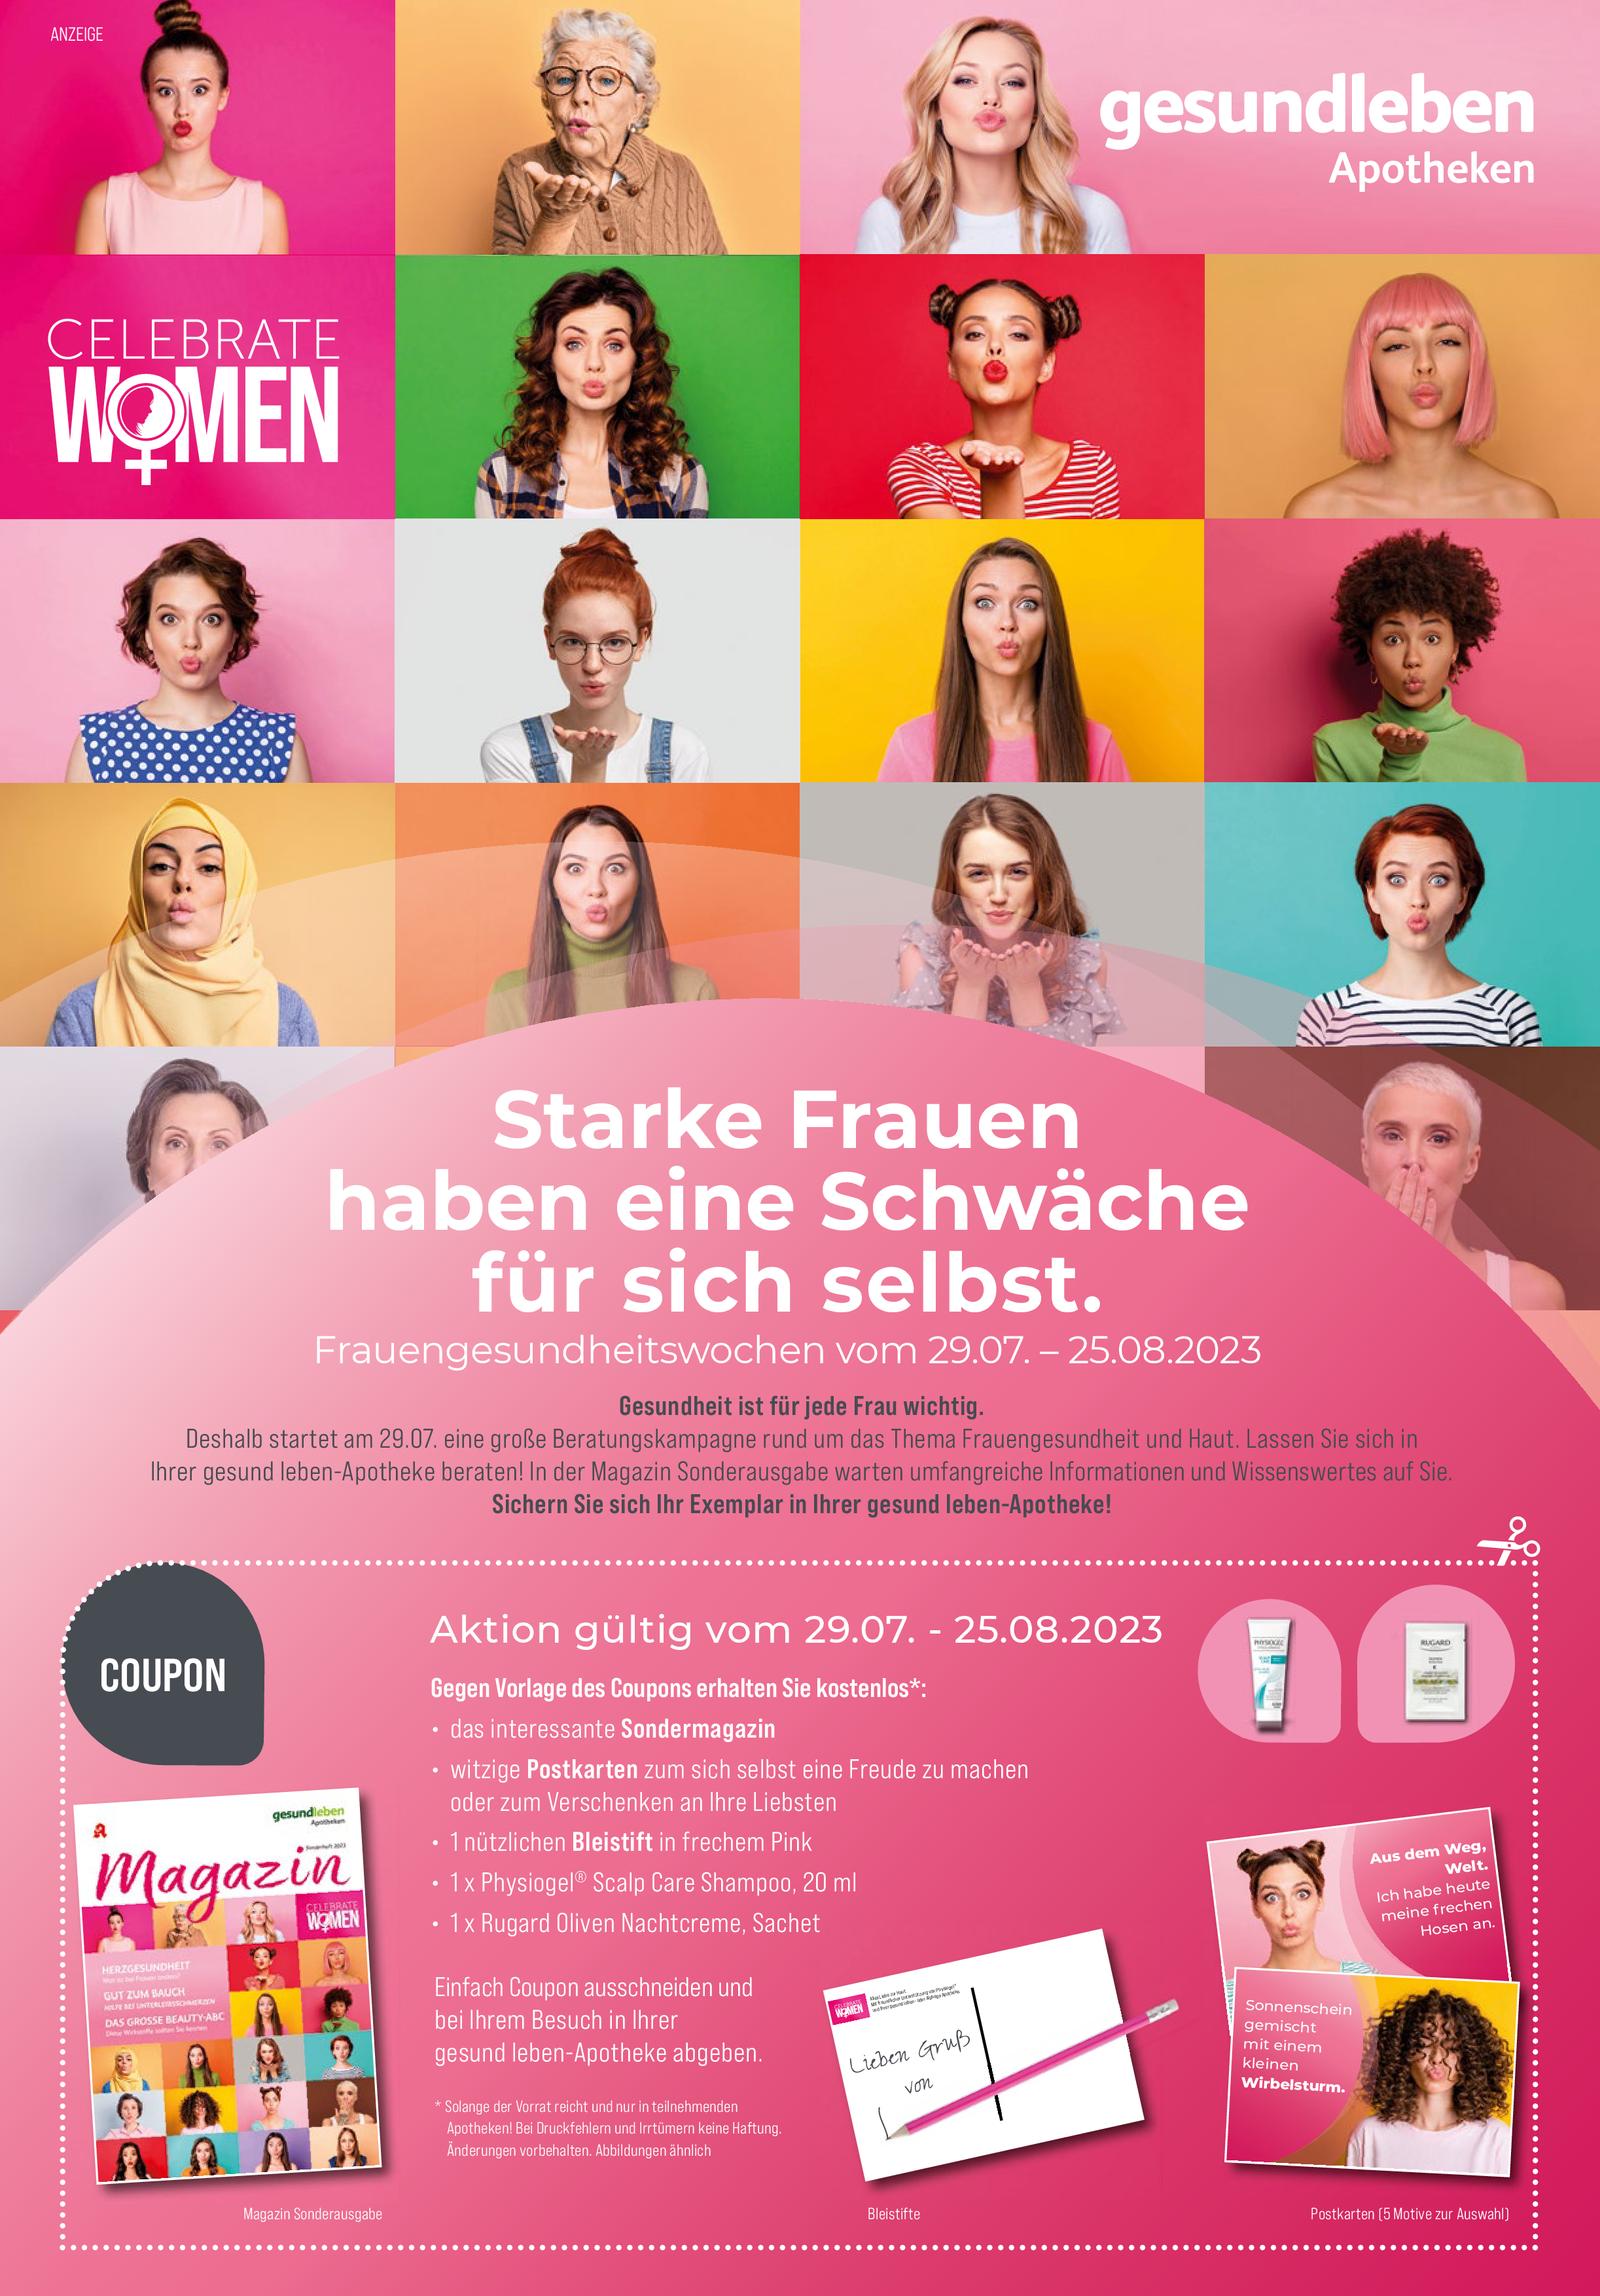 https://mein-uploads.apocdn.net/14001/leaflets/gesundleben_mittel-Seite5.png